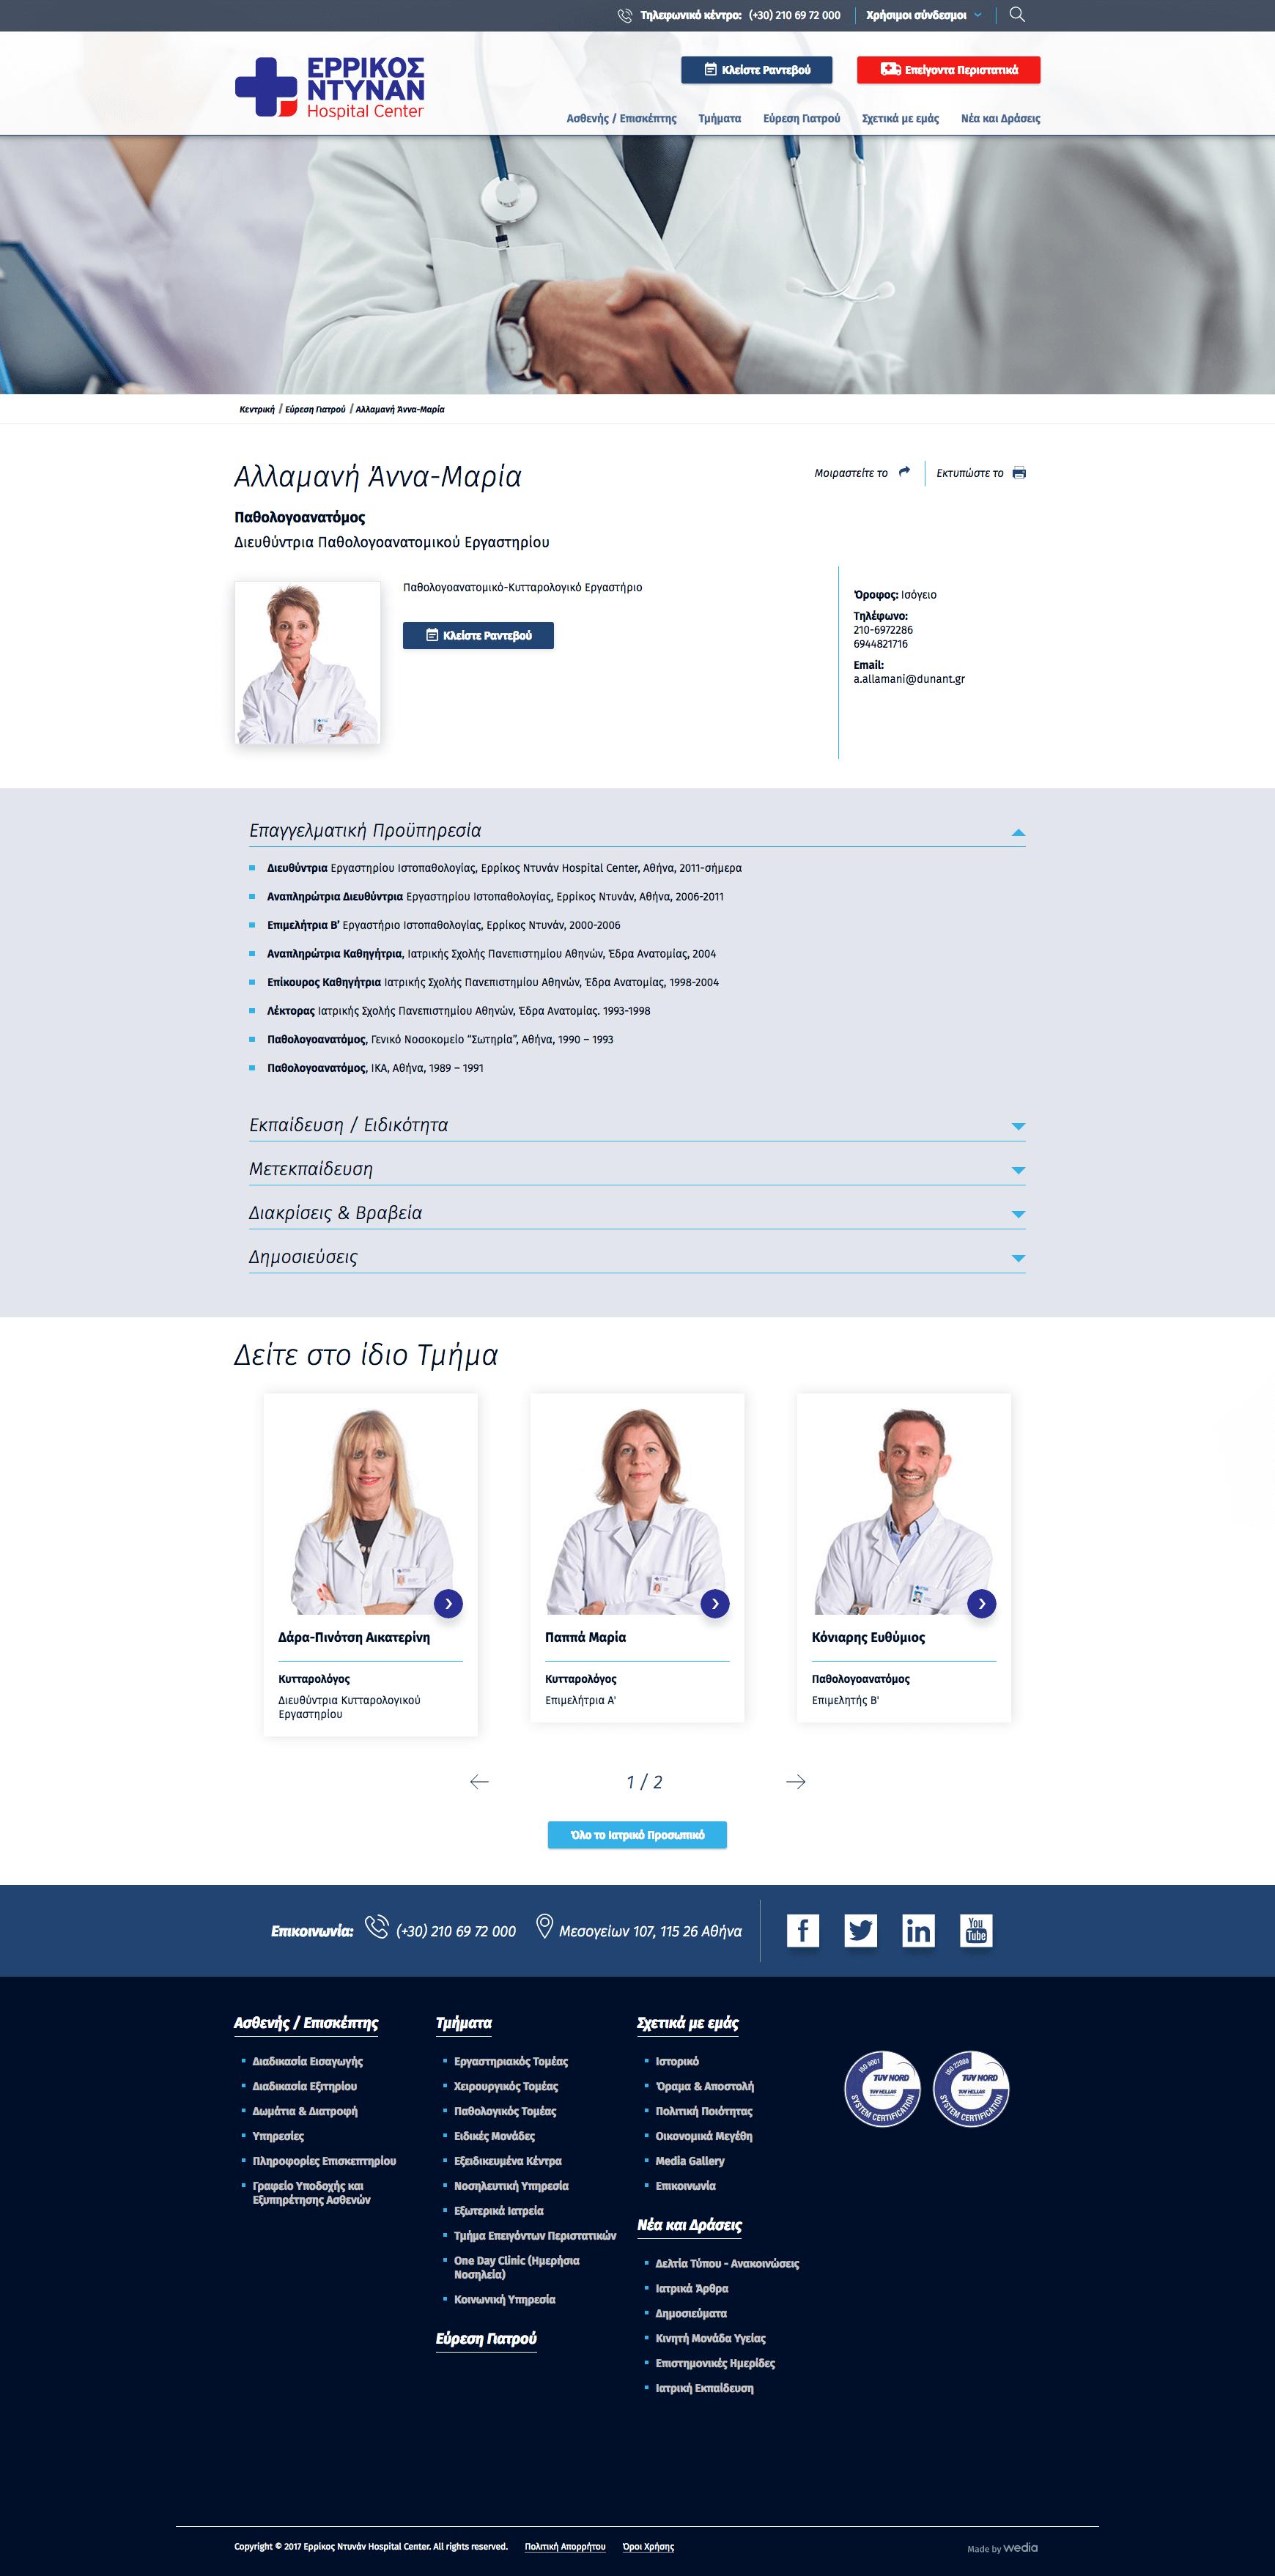 Ερρίκος Ντυνάν - Σελίδα γιατρού